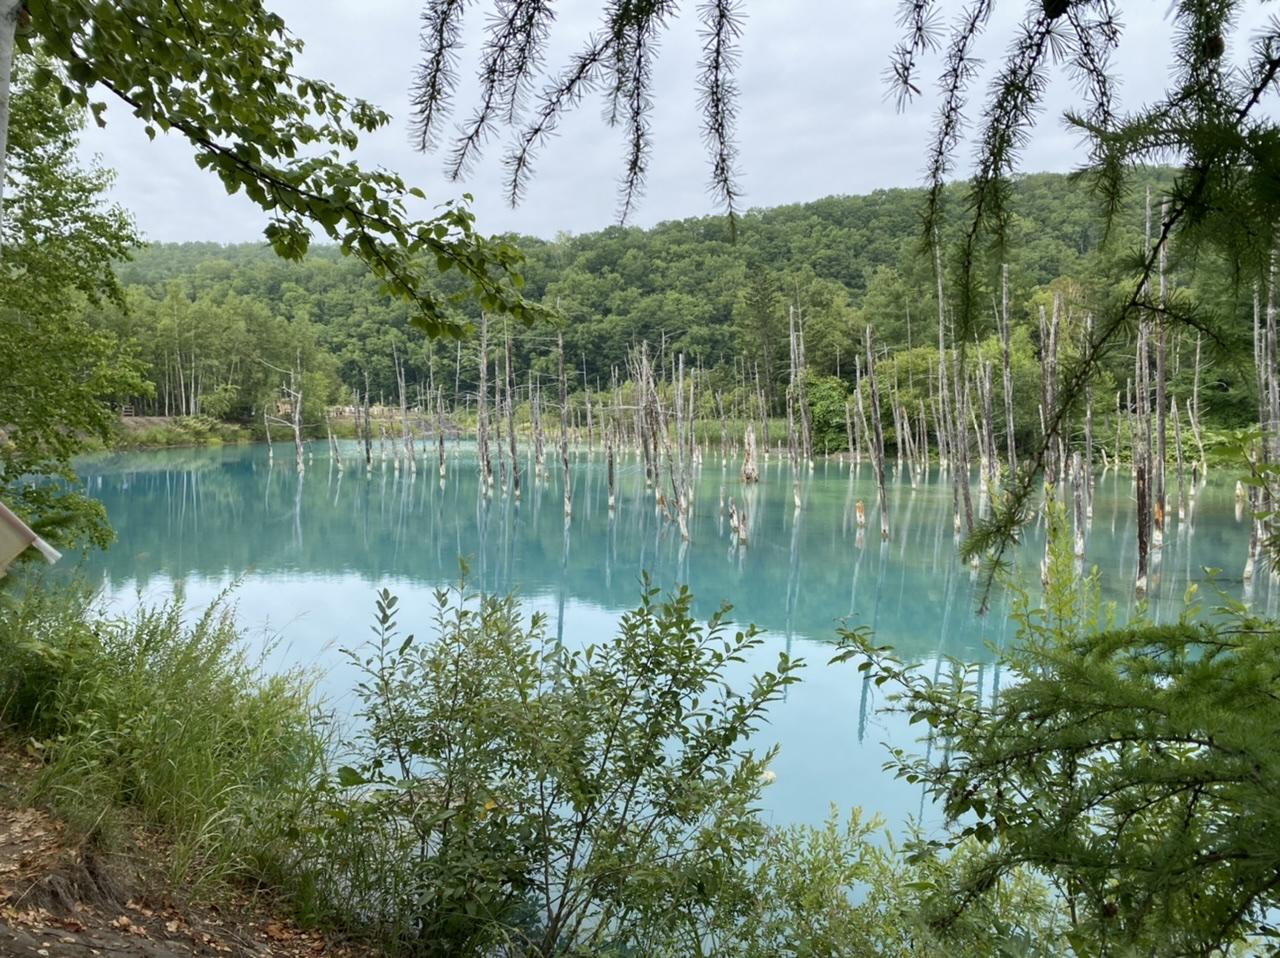 【北海道観光】美瑛町の青い池に行って来ました♪_1